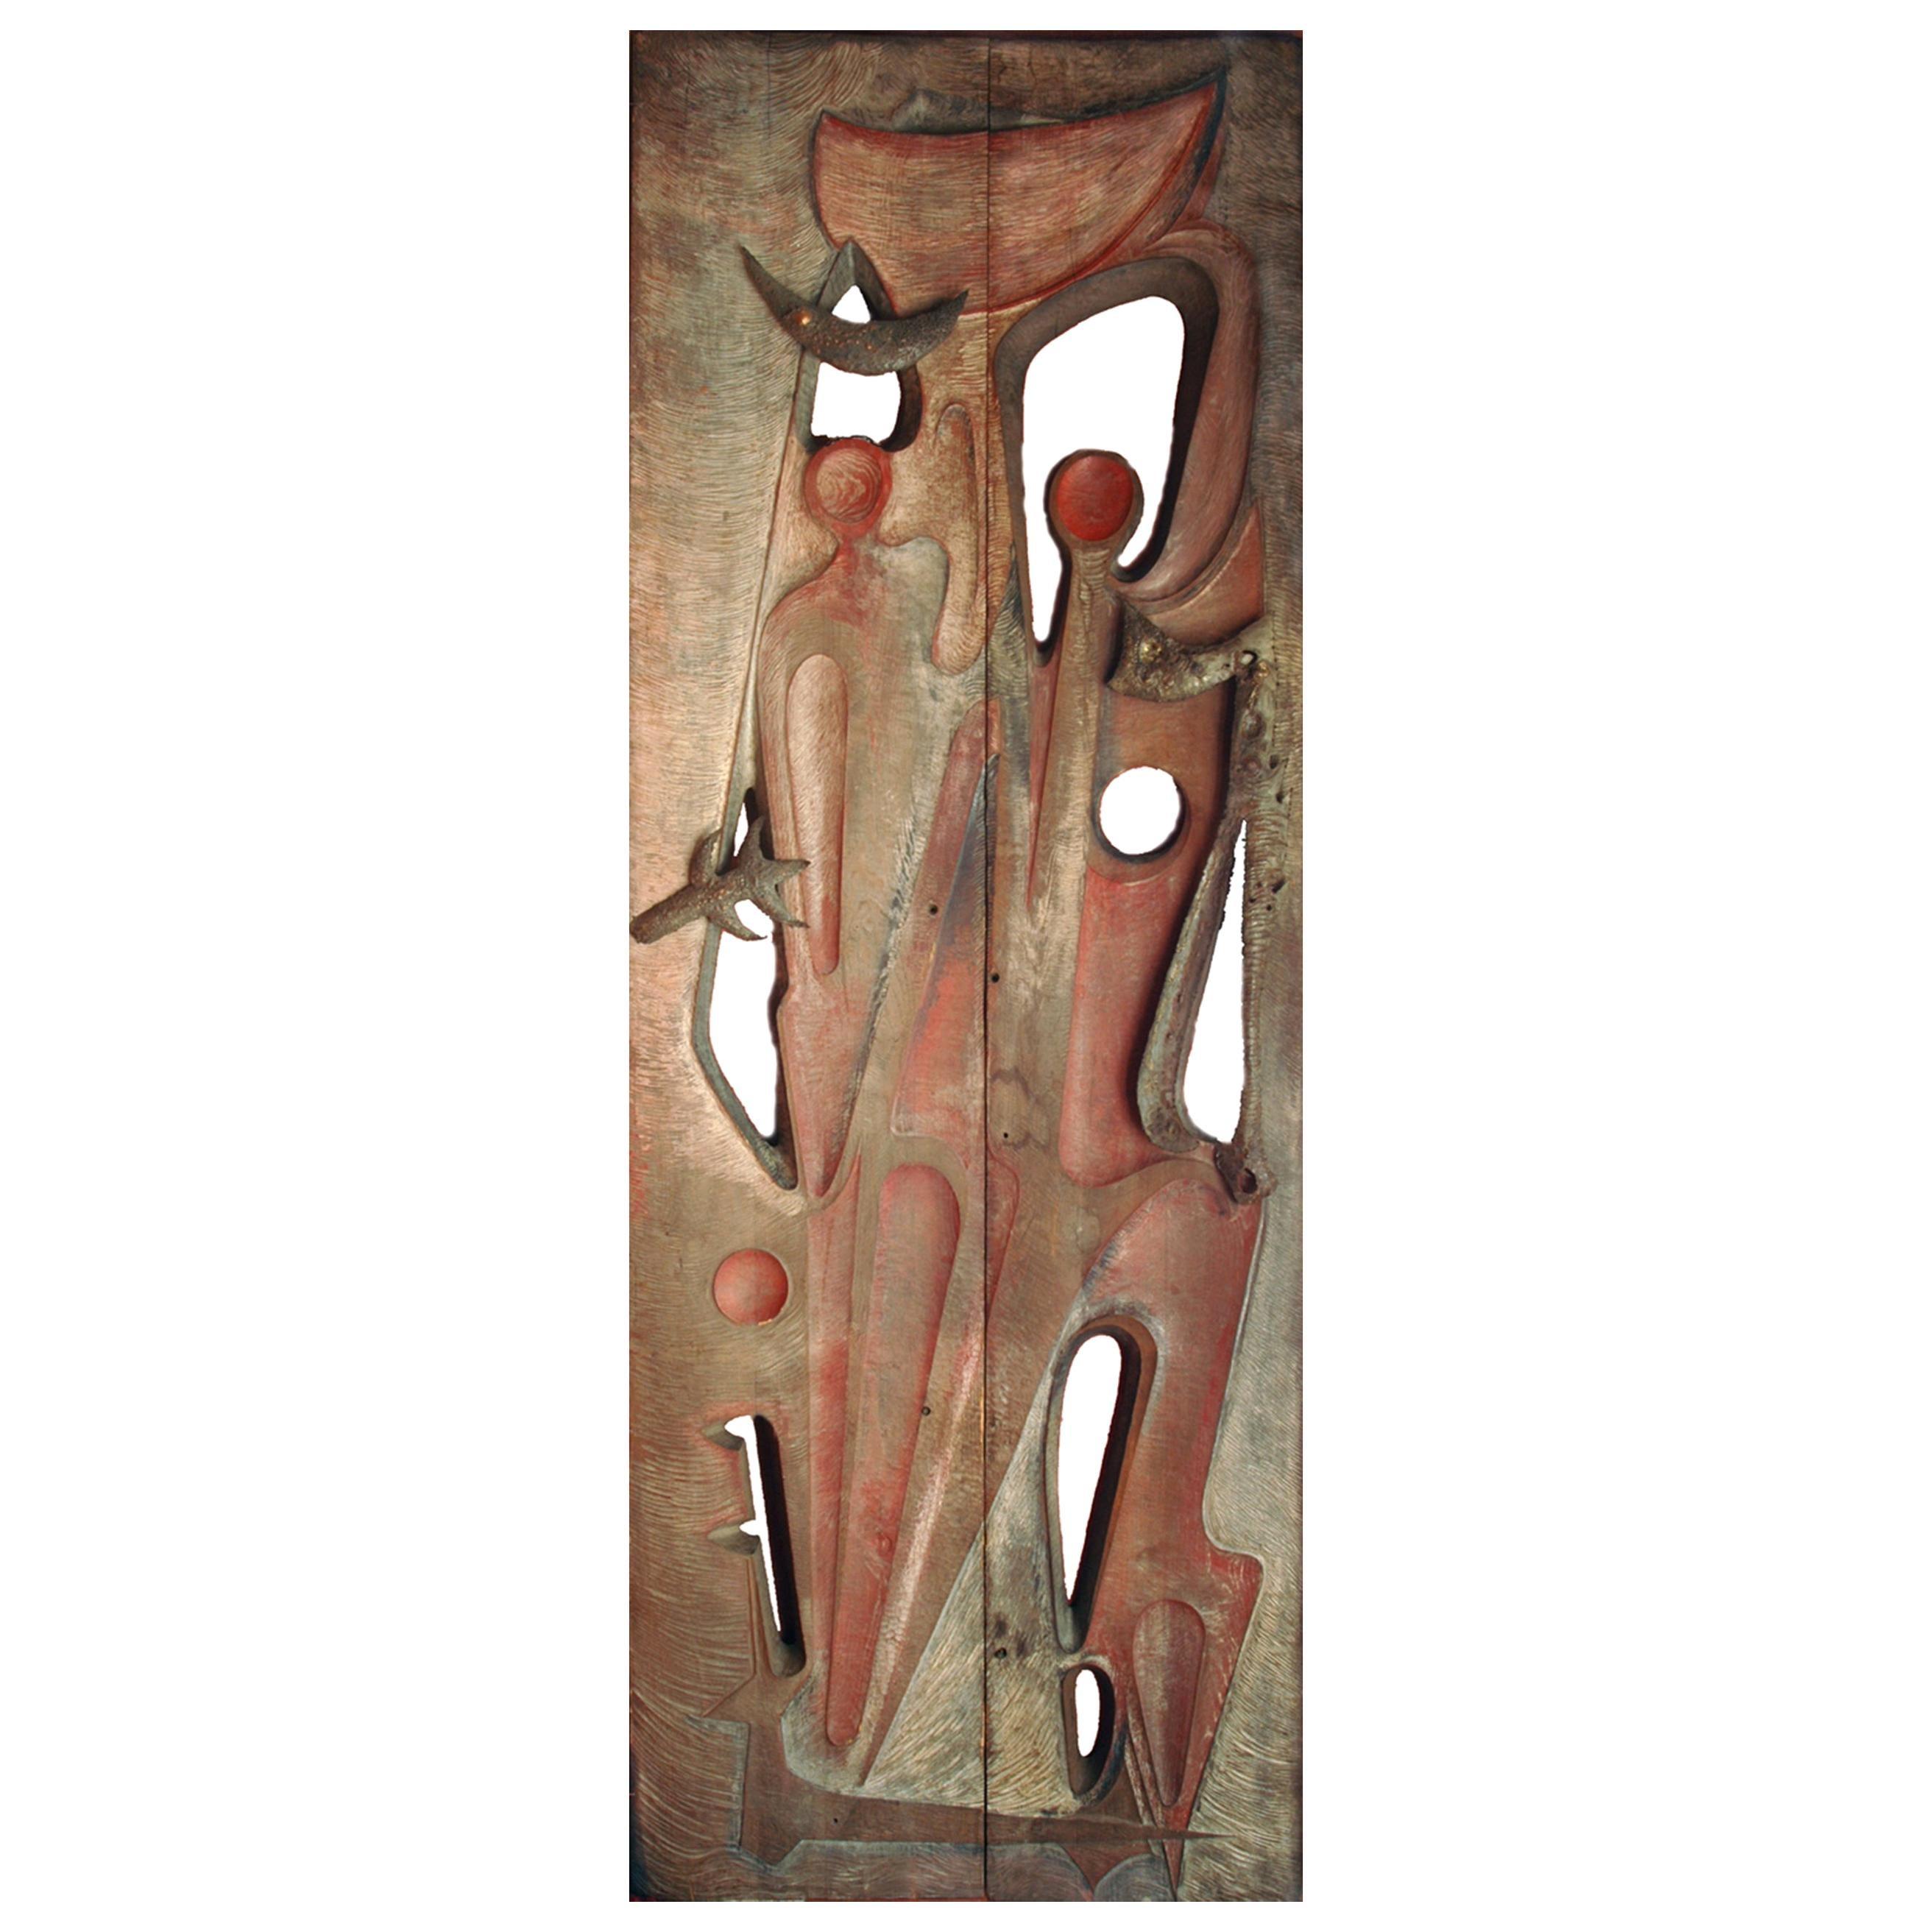 Monumental Sculpted Door by Gilbert de Smet